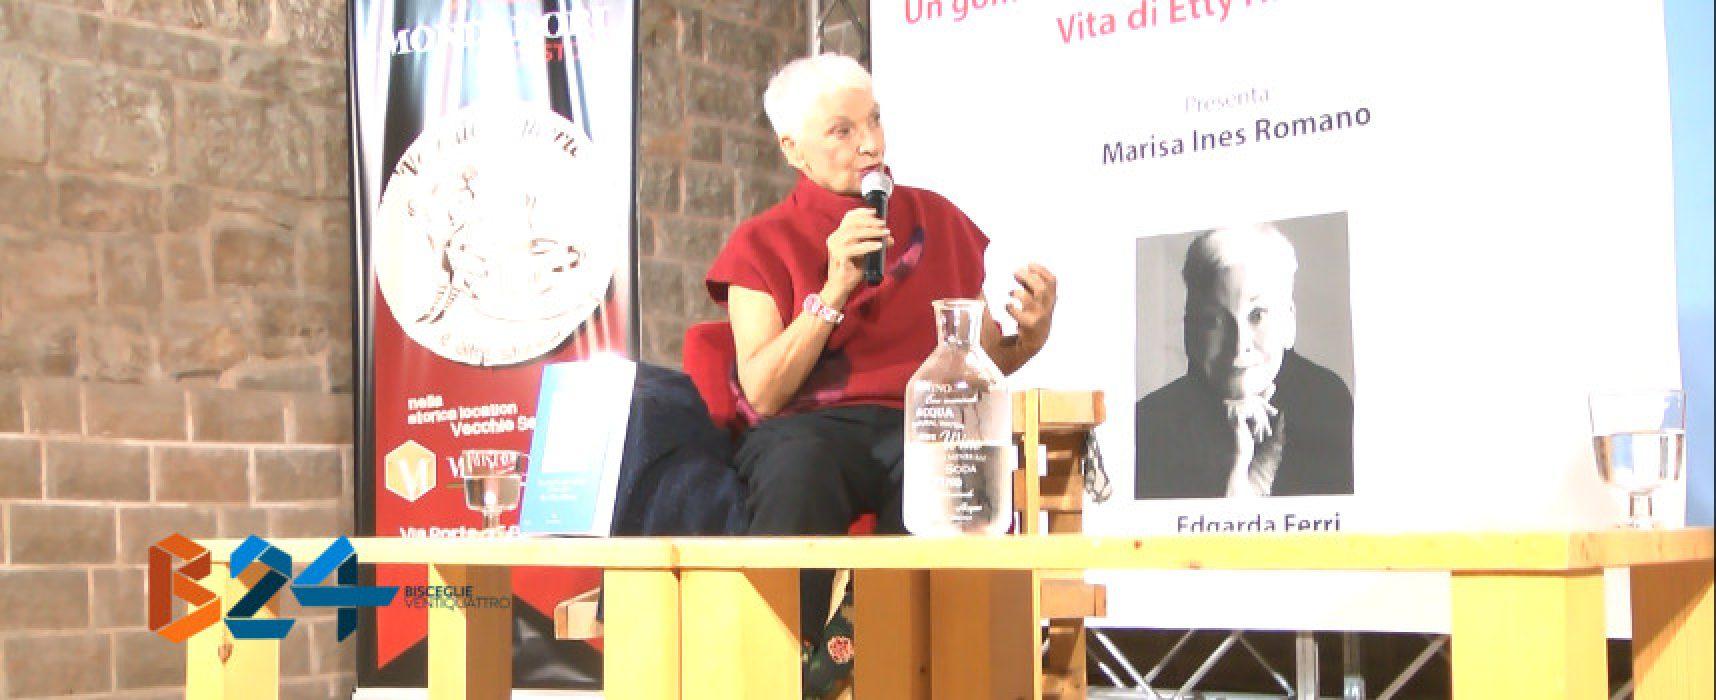 Edgarda Ferri alle Vecchie Segherie Mastrototaro racconta la vita di Etty Hillesum / VIDEO